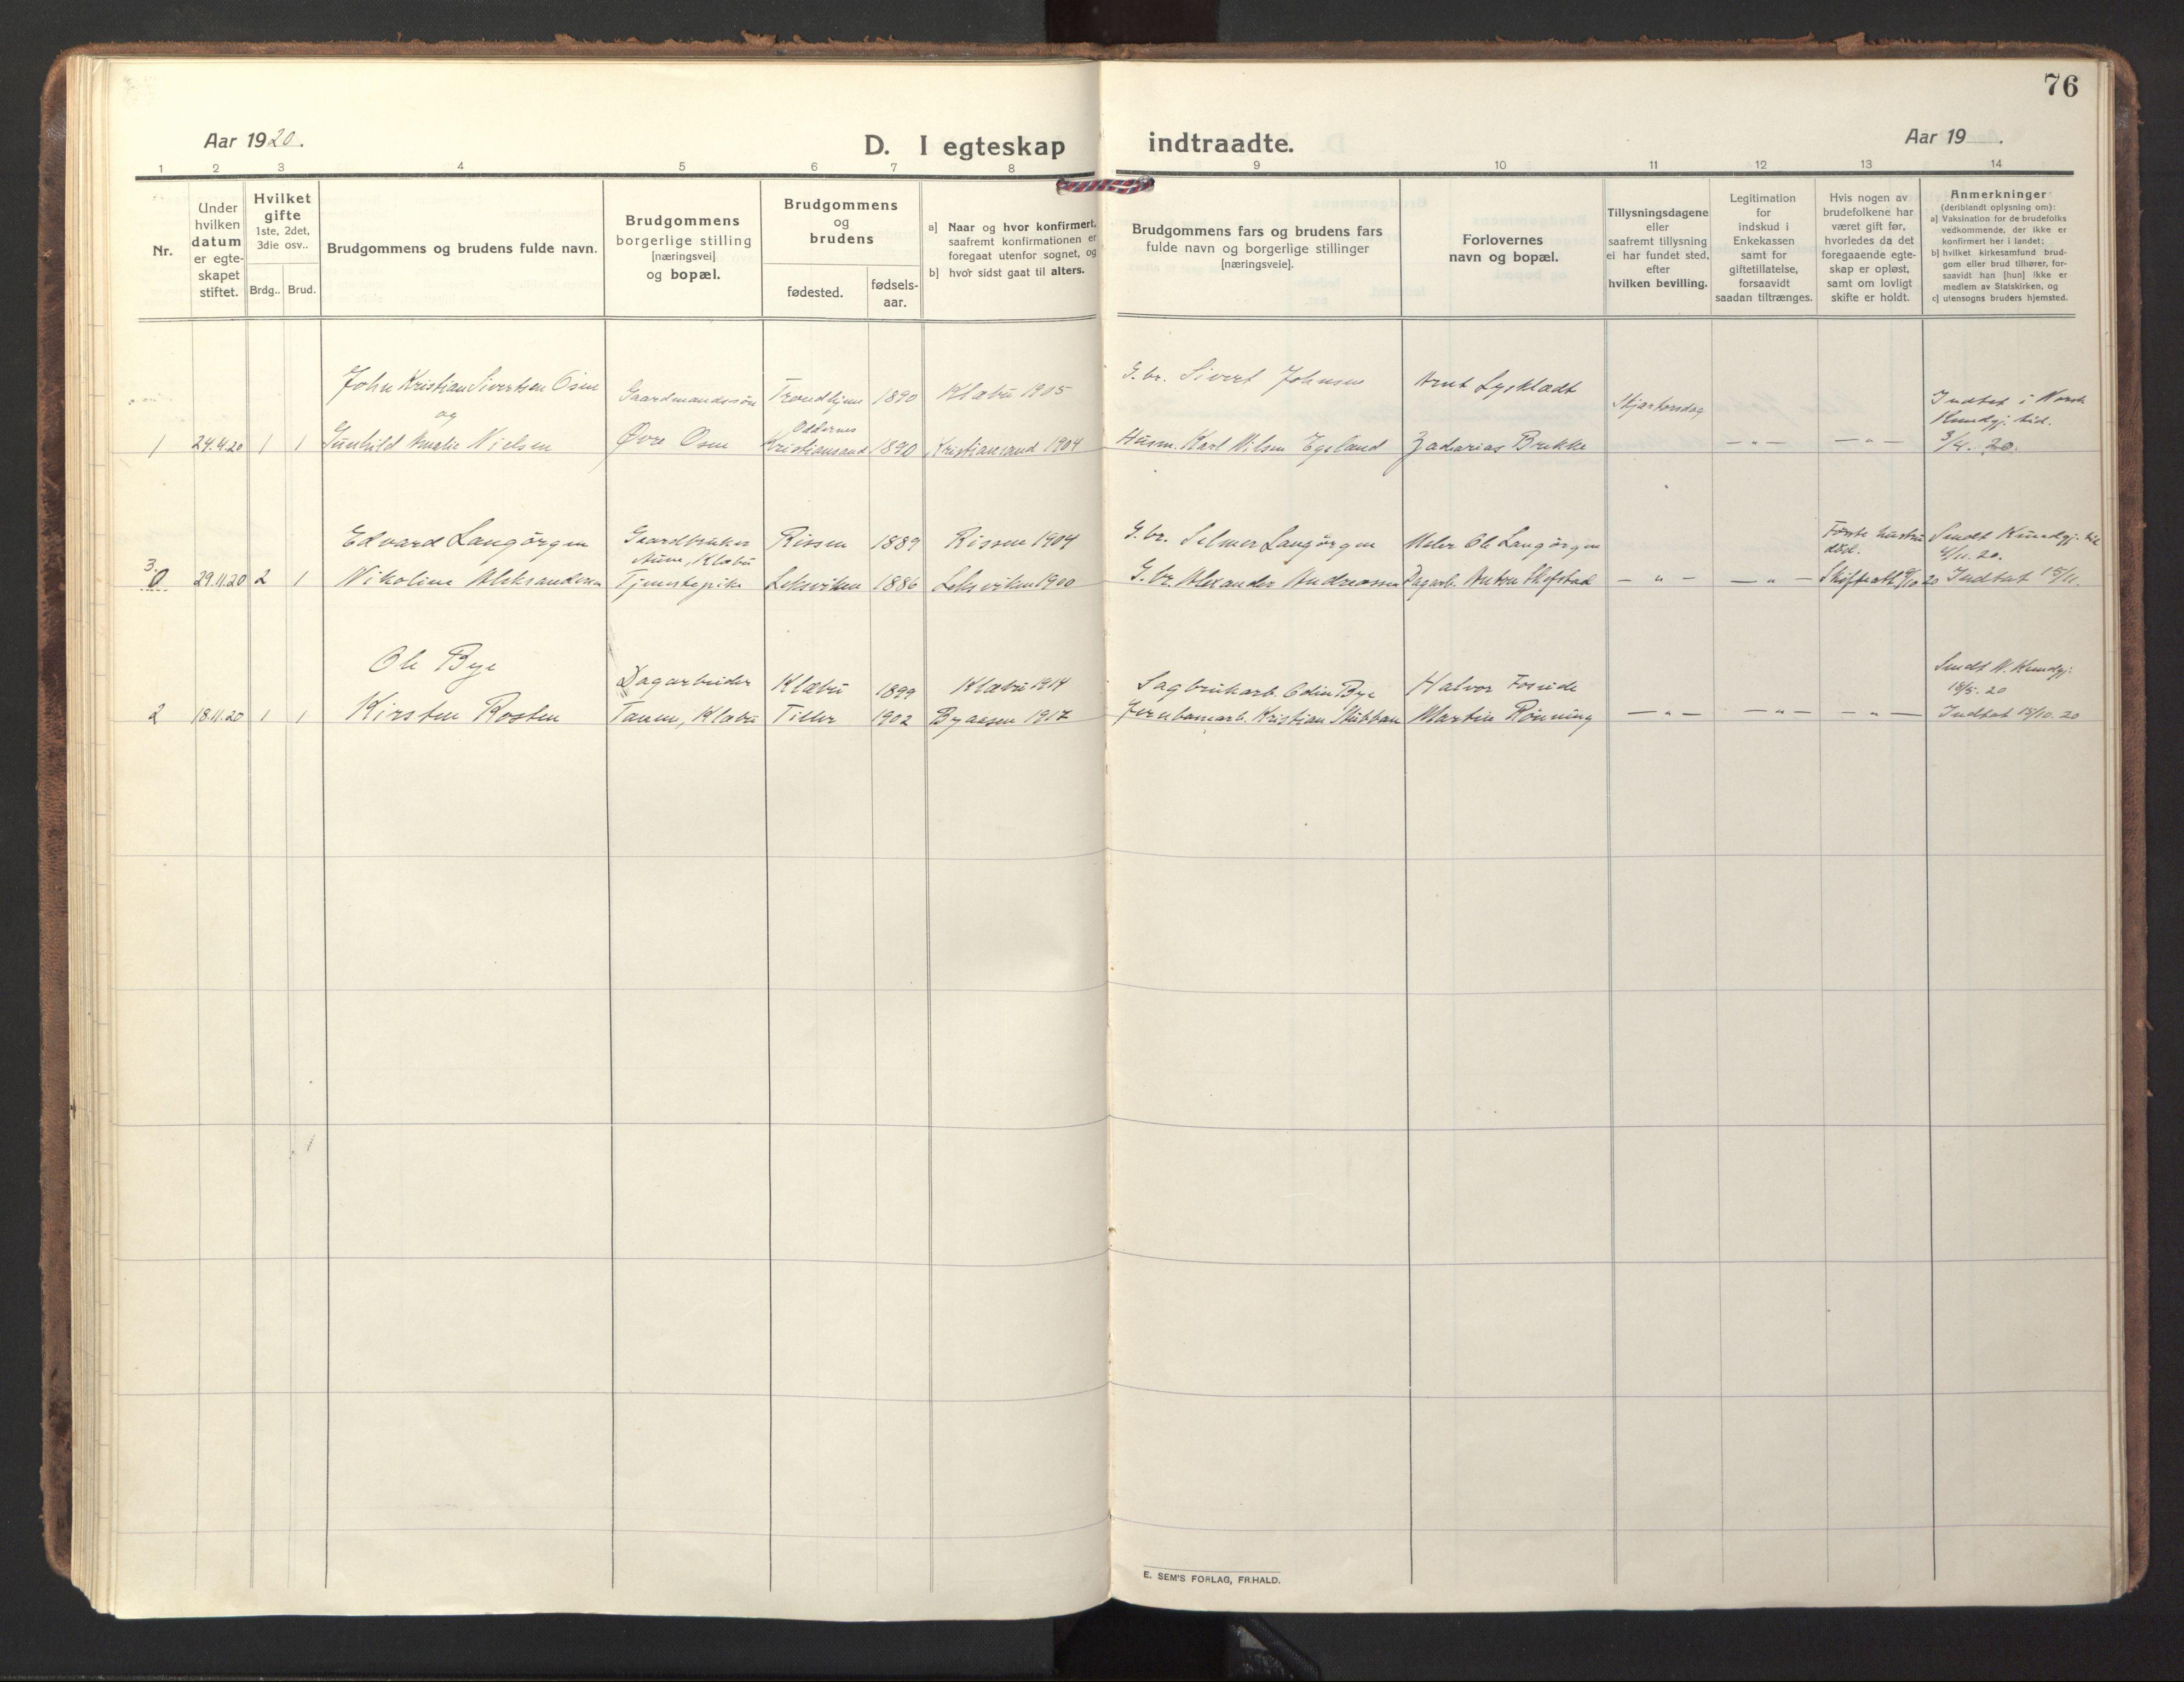 SAT, Ministerialprotokoller, klokkerbøker og fødselsregistre - Sør-Trøndelag, 618/L0449: Ministerialbok nr. 618A12, 1917-1924, s. 76